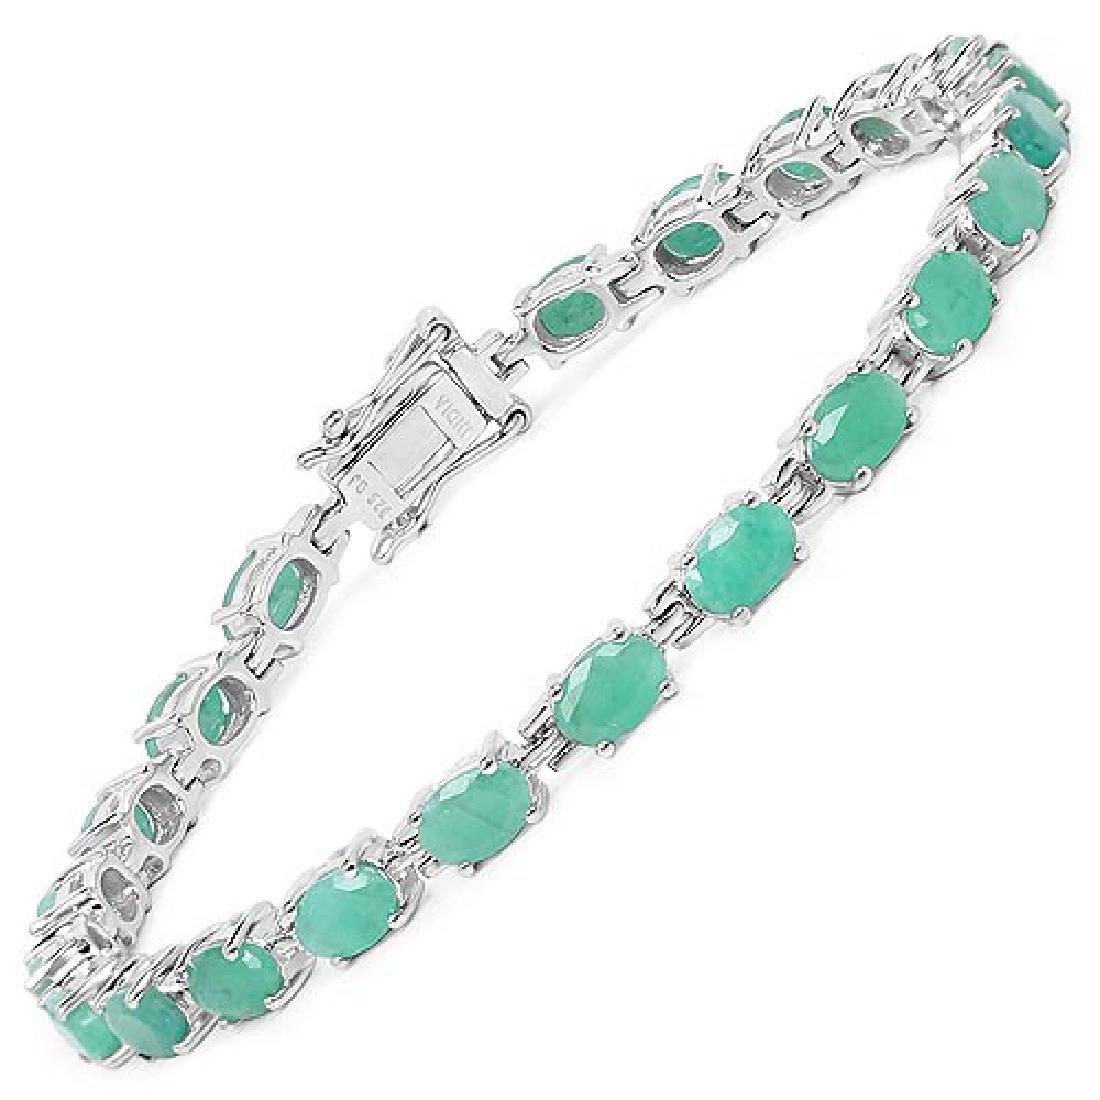 9.68 Carat Genuine Emerald Sterling Silver Bracelet